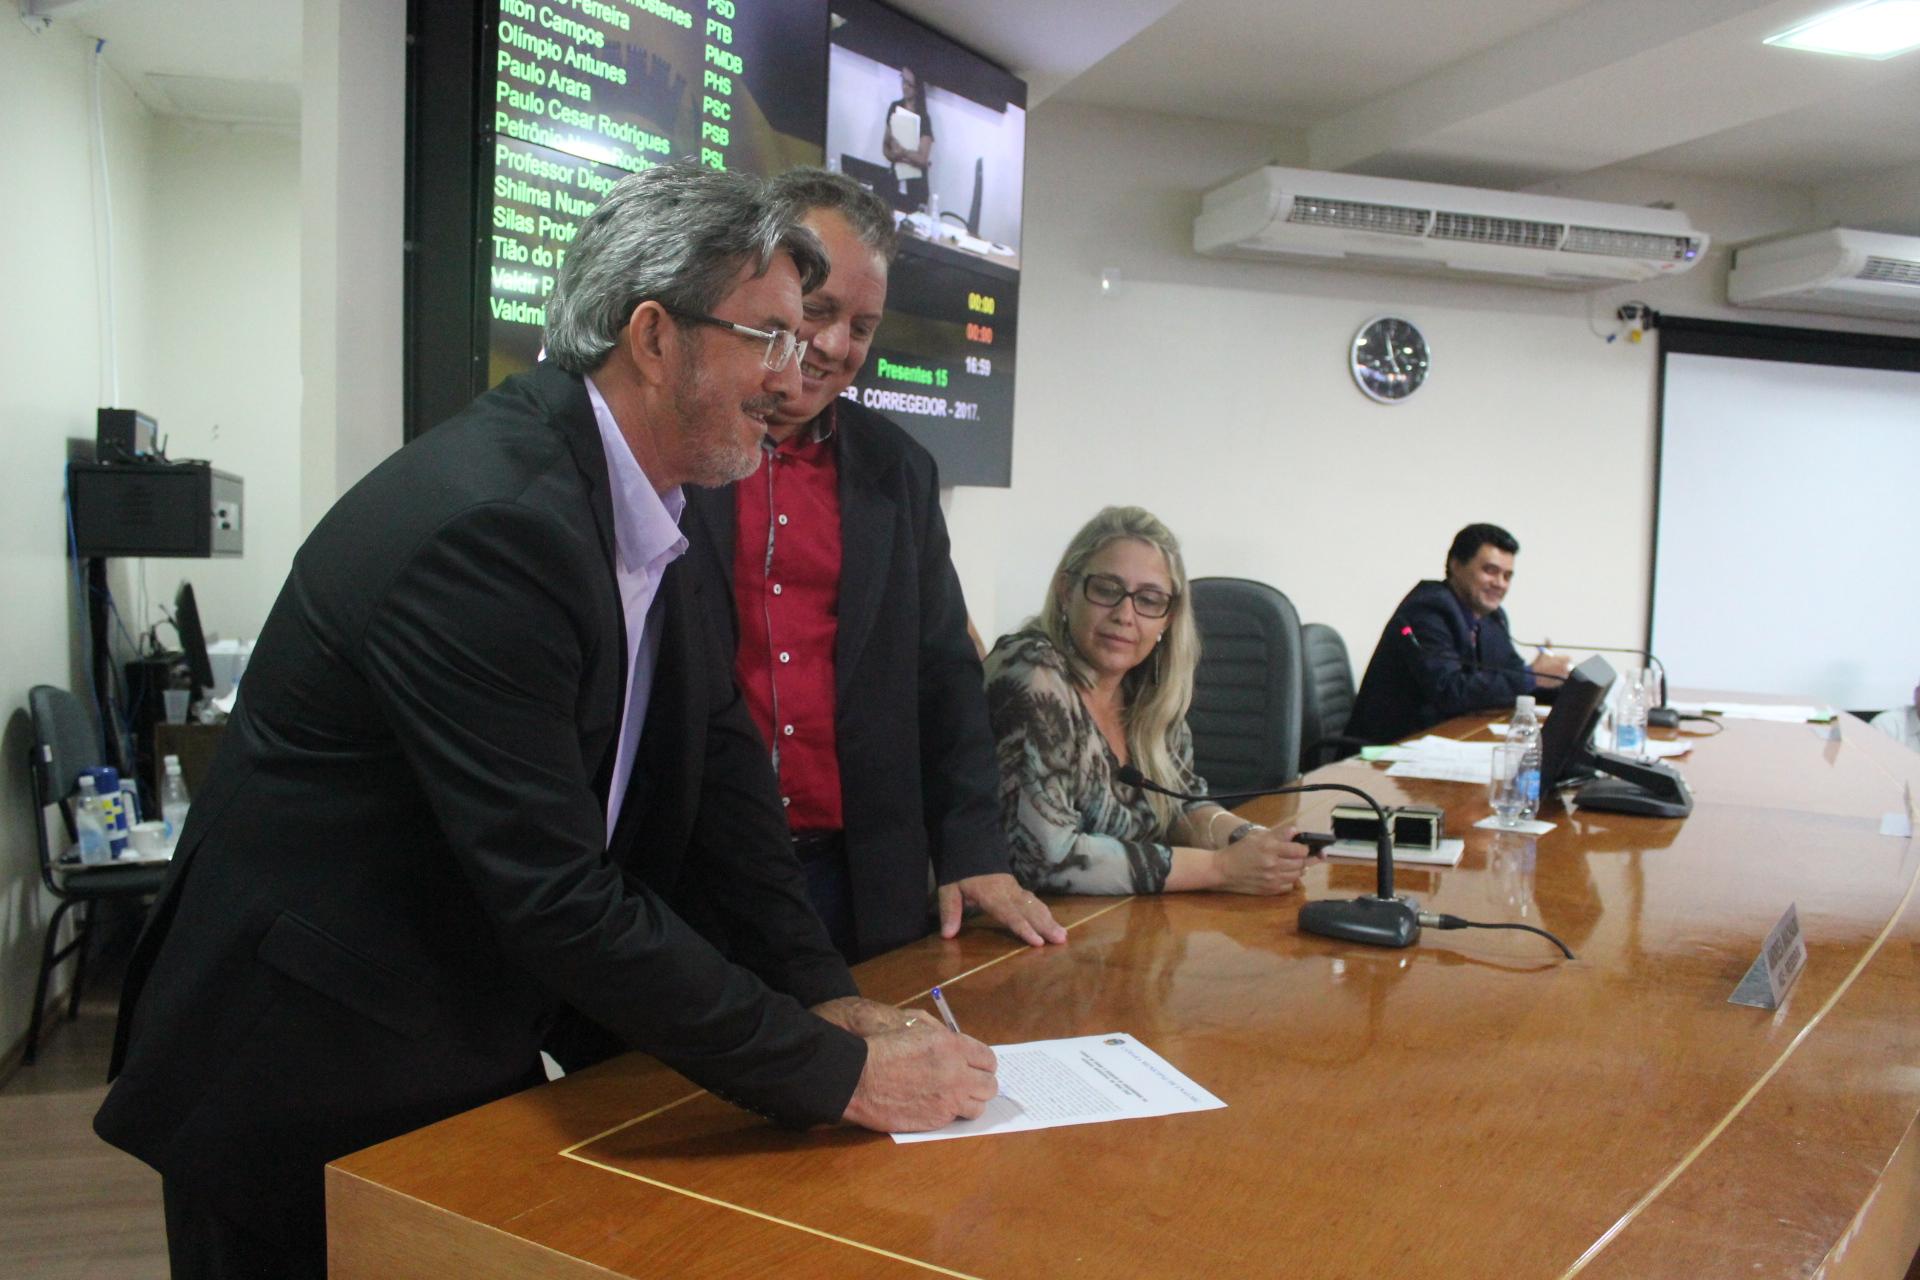 Eleito o Corregedor para o ano de 2017